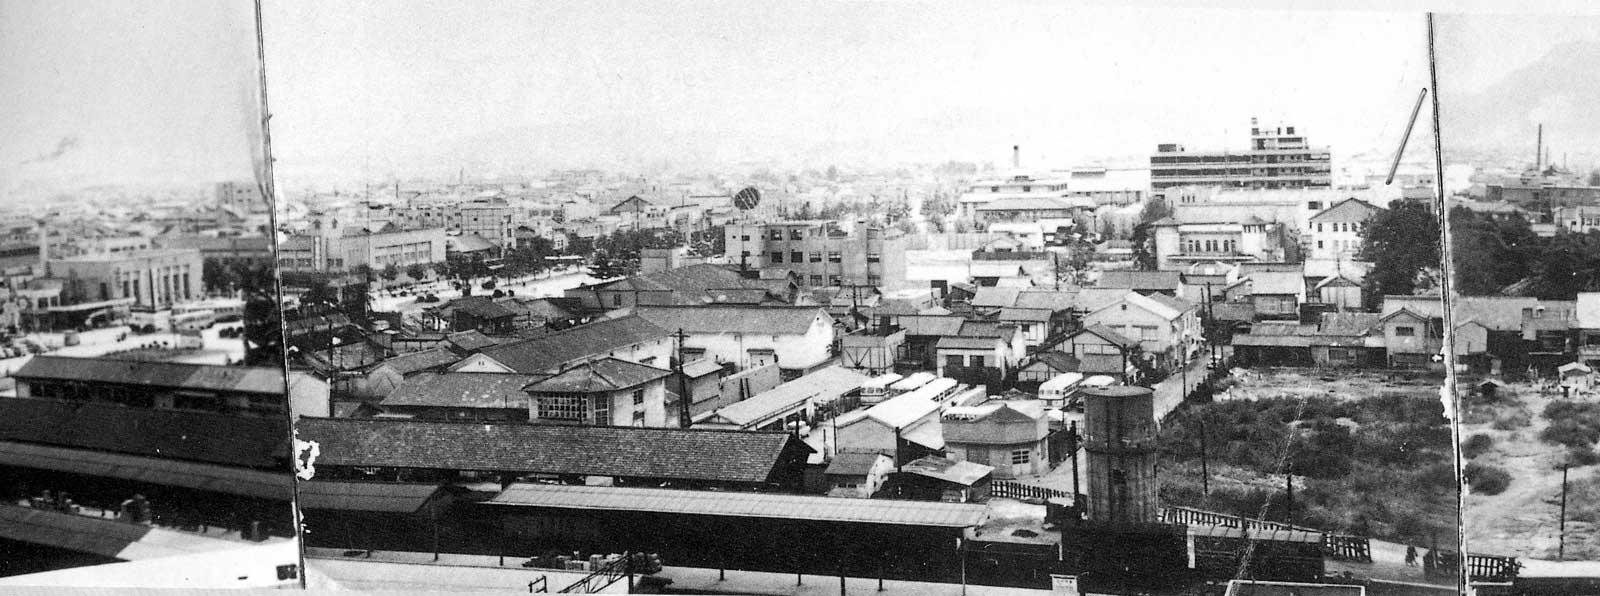 昭和35年(1960年) 福山城天守閣から市街地を望む   昭和35年(1960年) 福山城天守